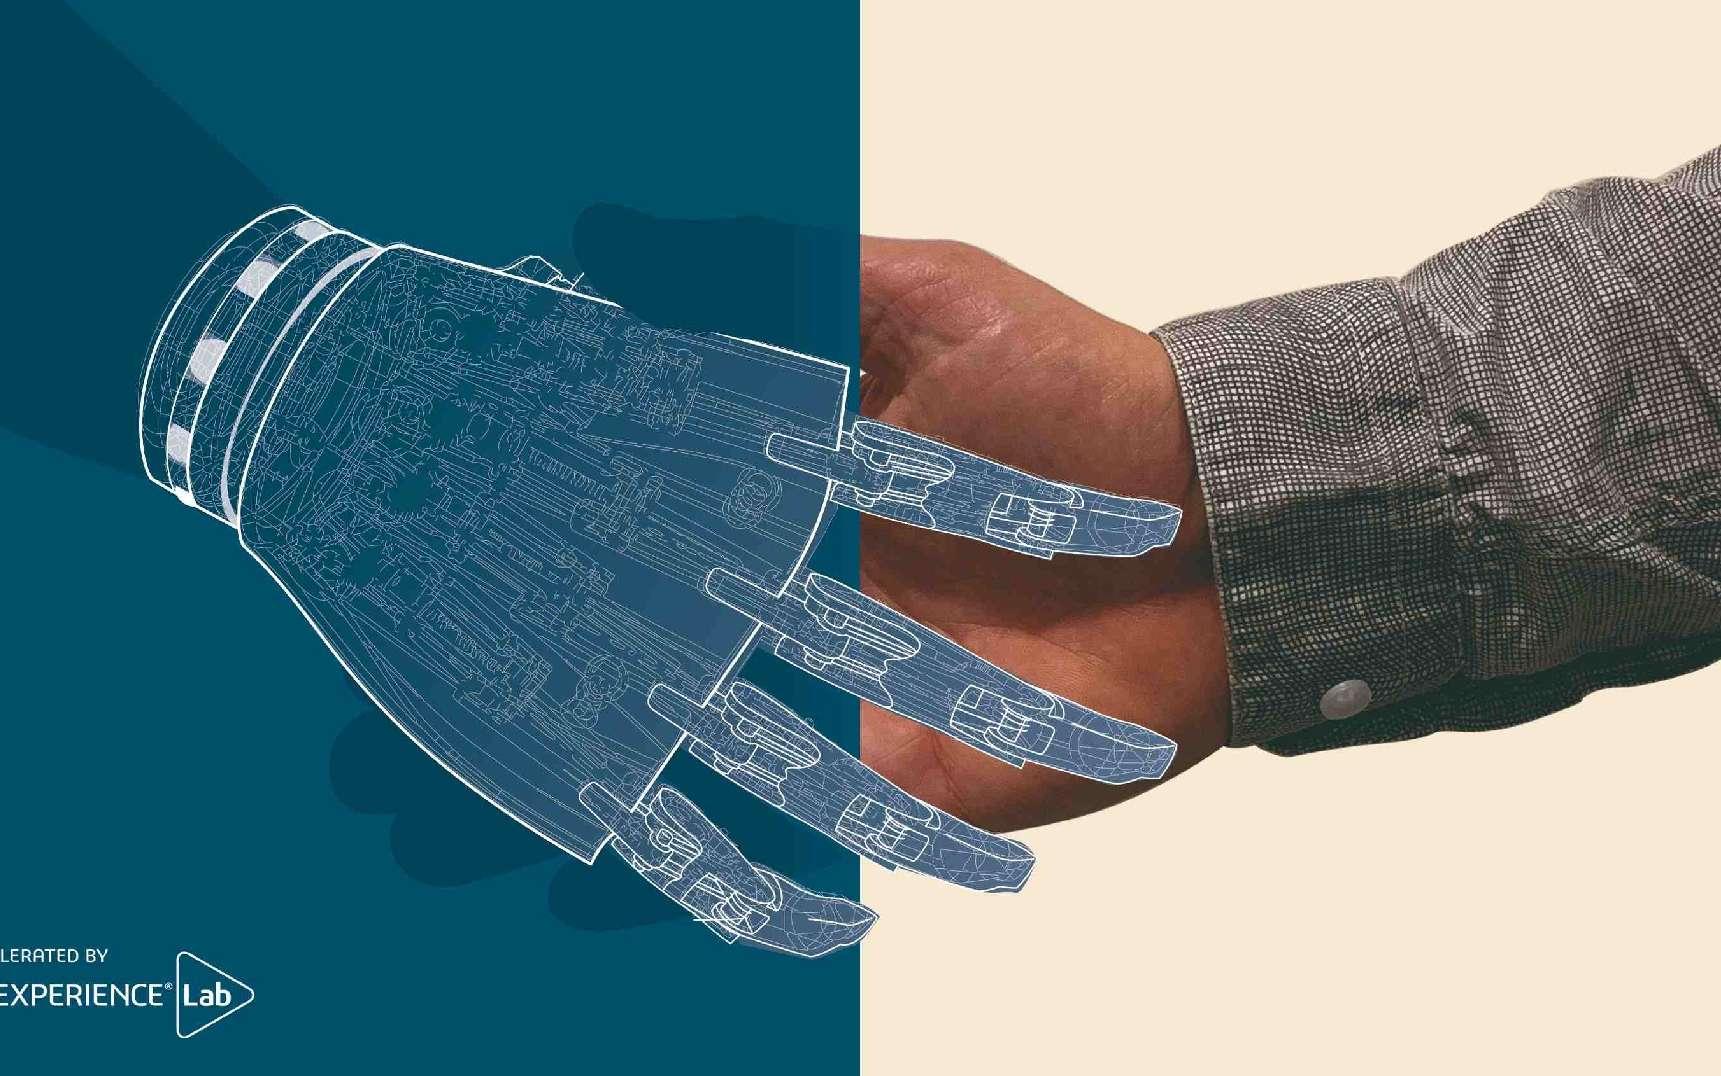 La prothèse de bras bionique d'Inlay est 100 fois moins chère que ses concurrentes. © Marine Tronel, 3DEXPERIENCE Lab